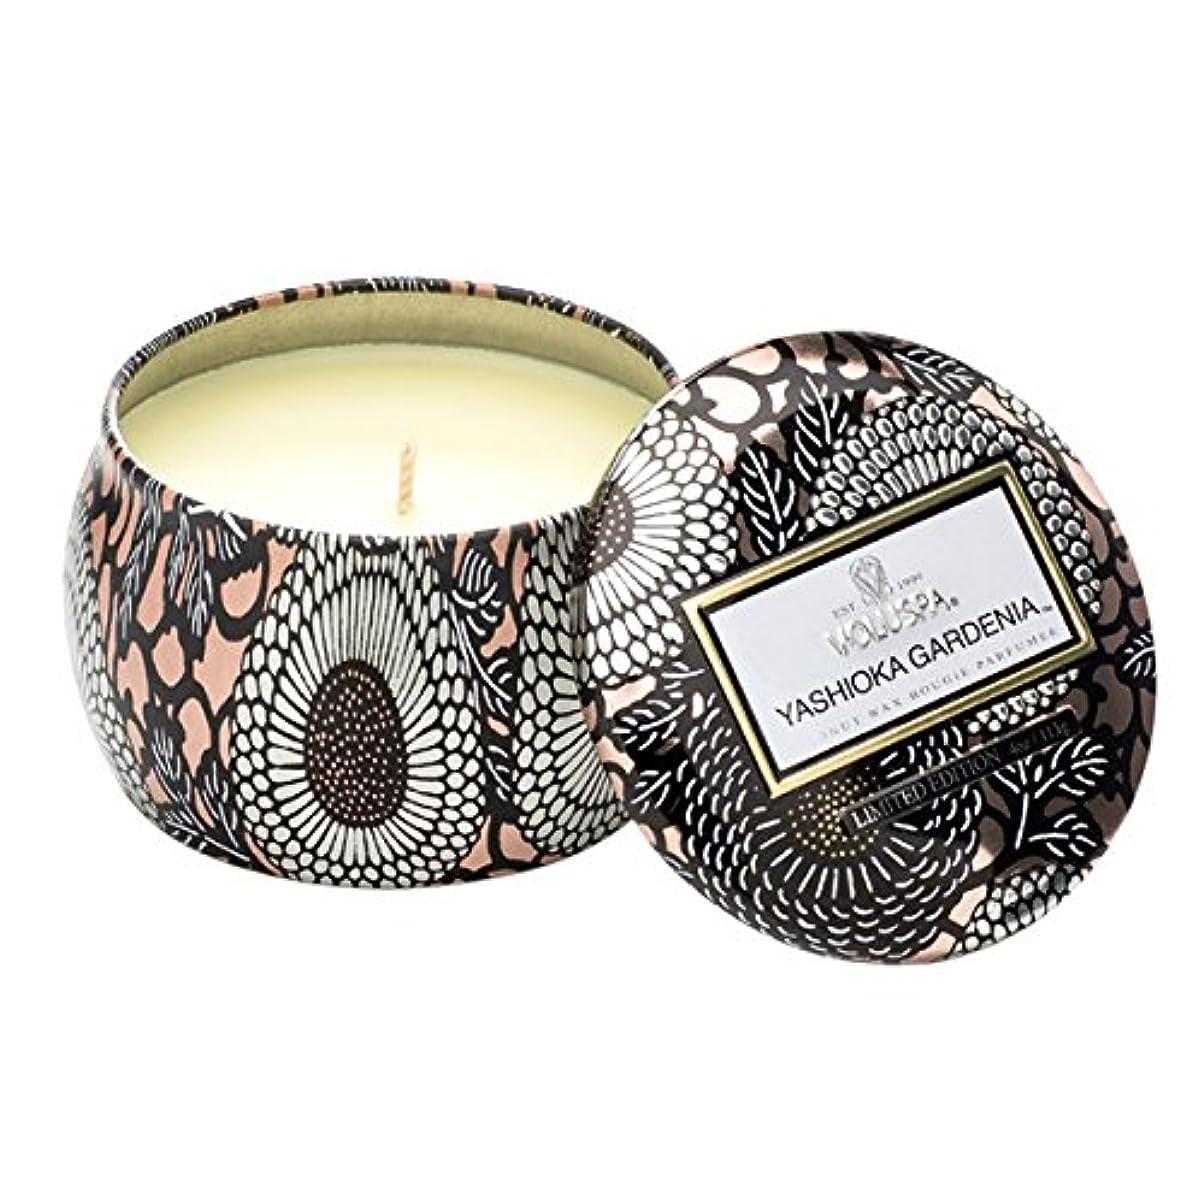 しがみつく半円フェザーVoluspa ボルスパ ジャポニカ リミテッド ティンキャンドル  S ヤシオカガーデニア YASHIOKA GARDENIA JAPONICA Limited PETITE Tin Glass Candle